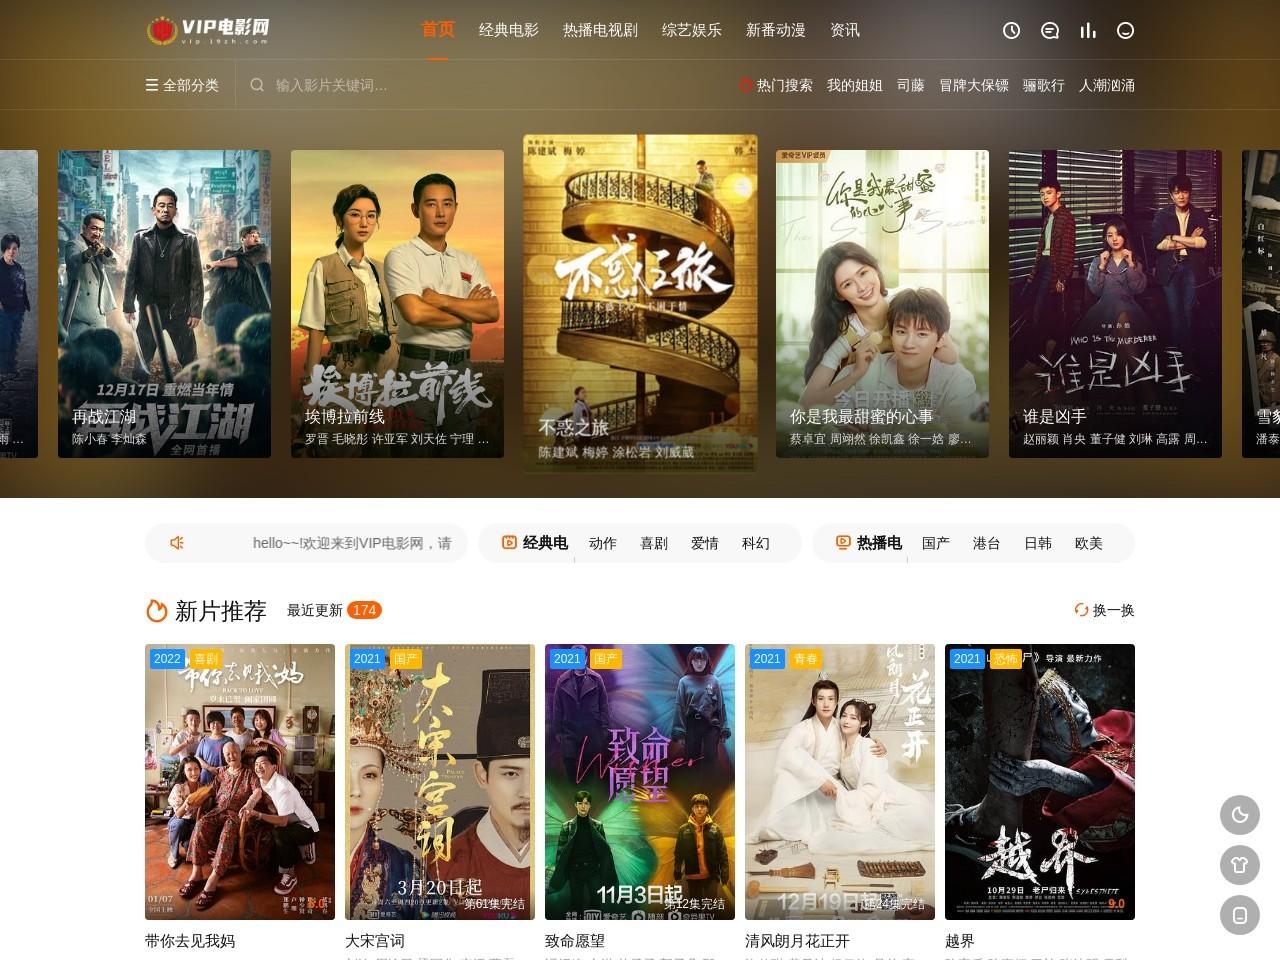 VIP电影网